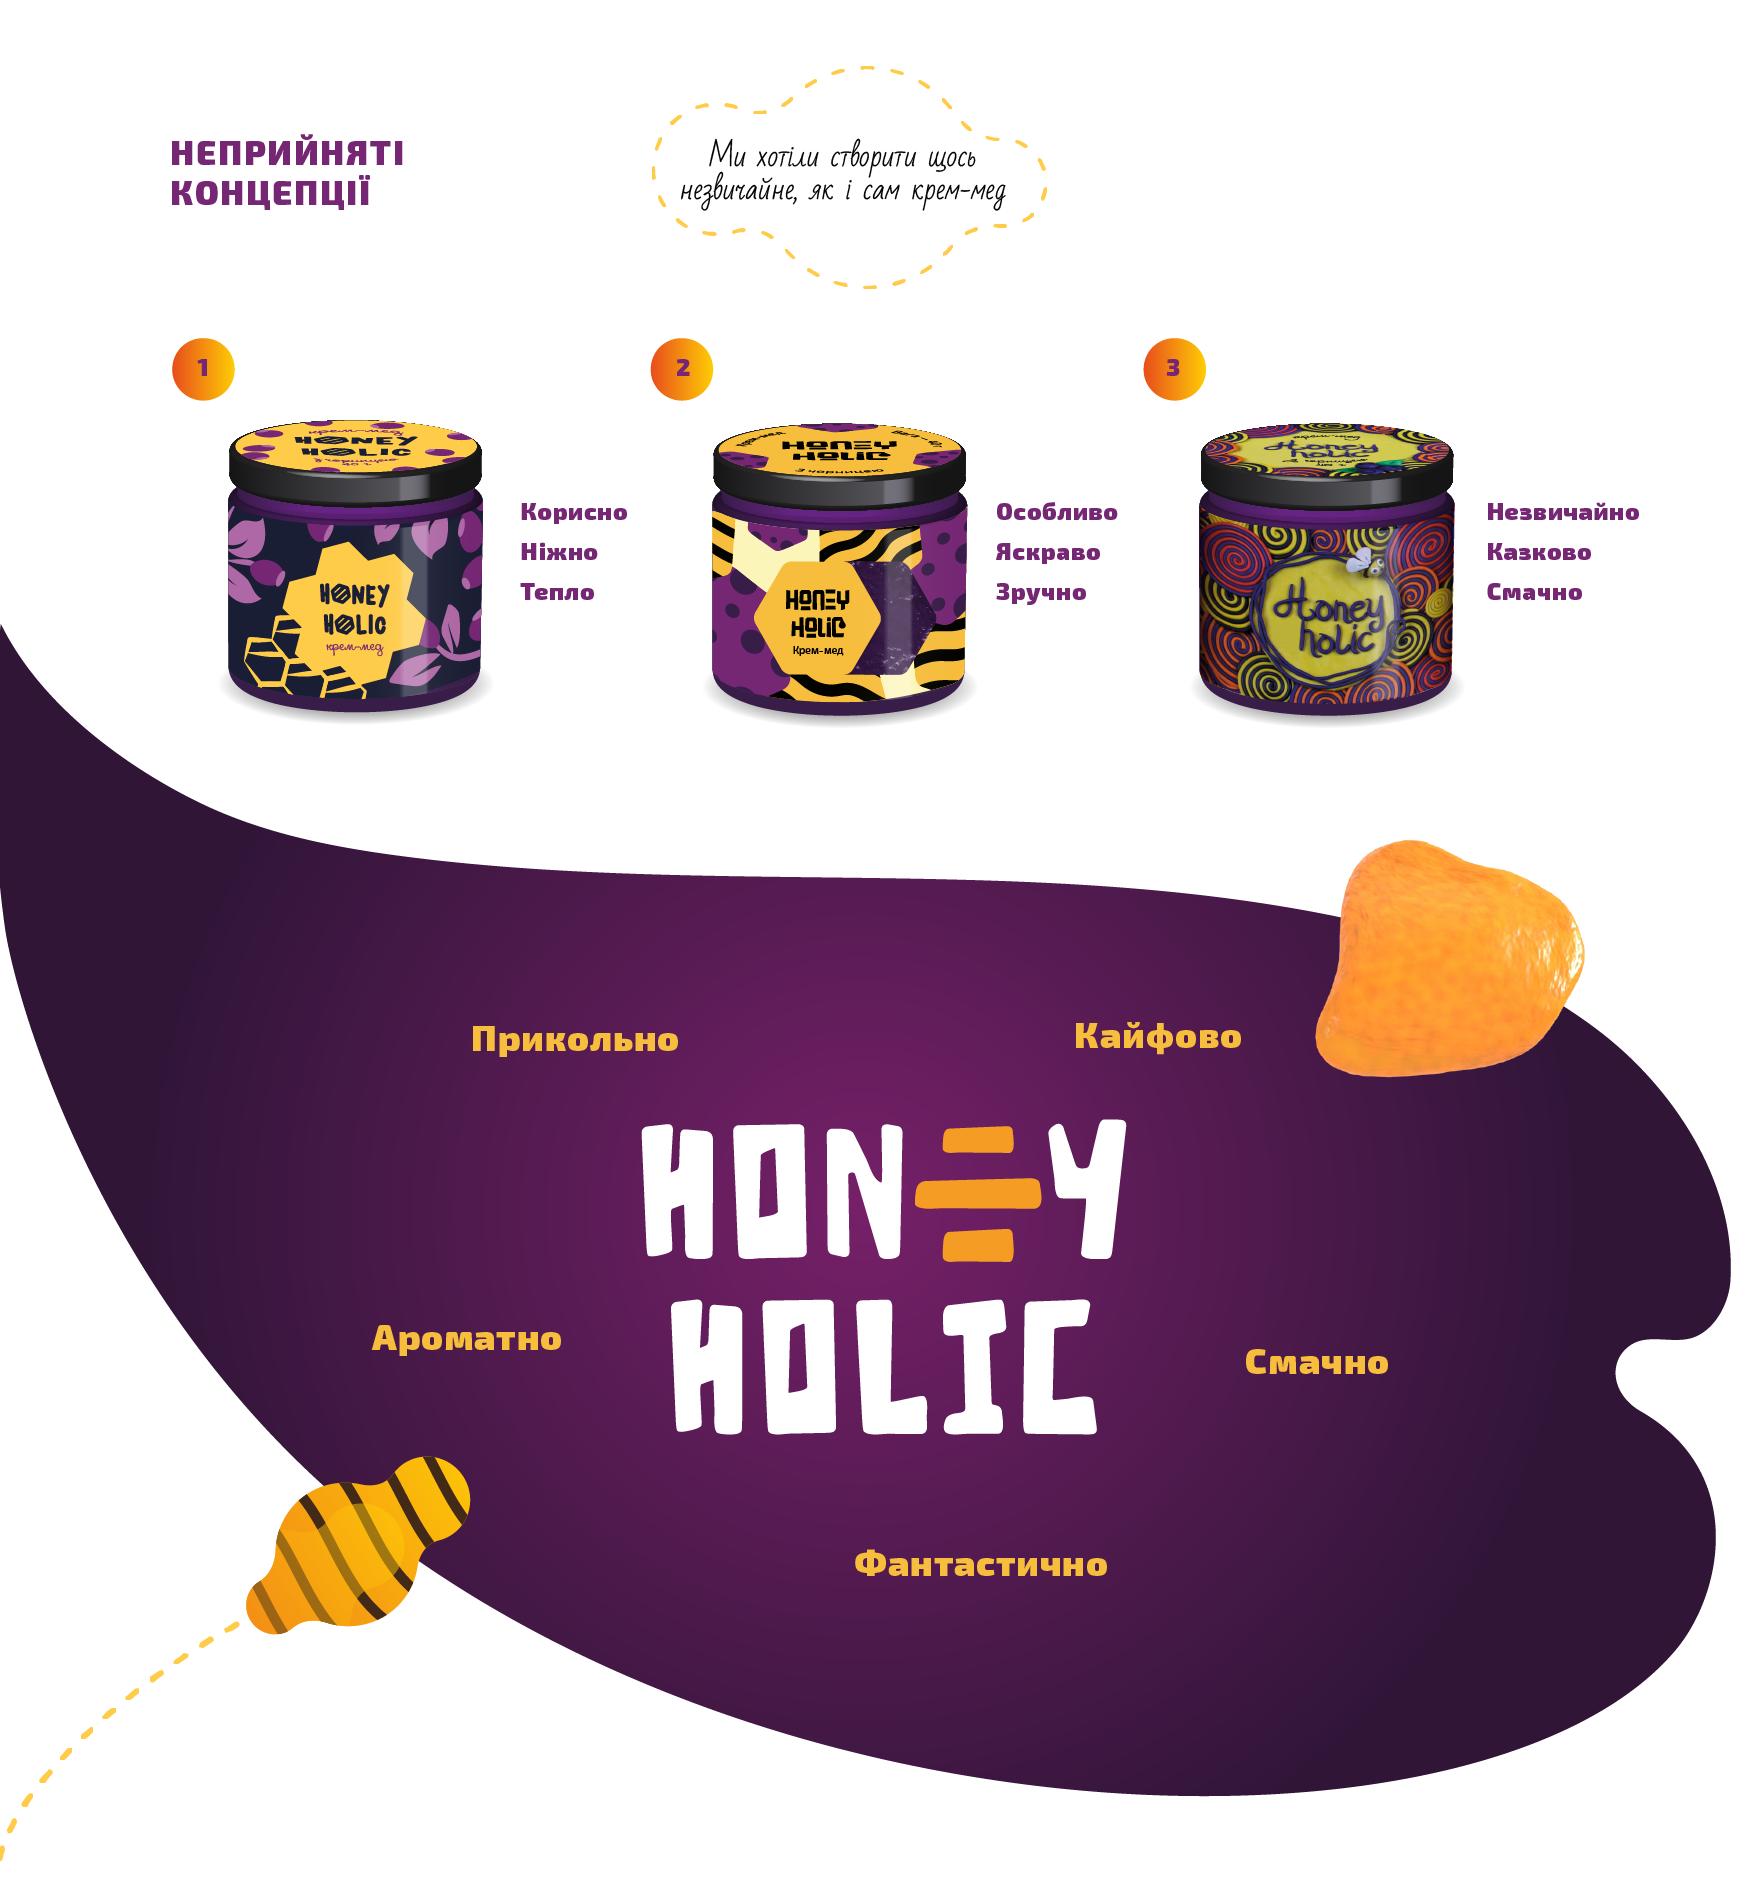 Honey-Holic — фото 2